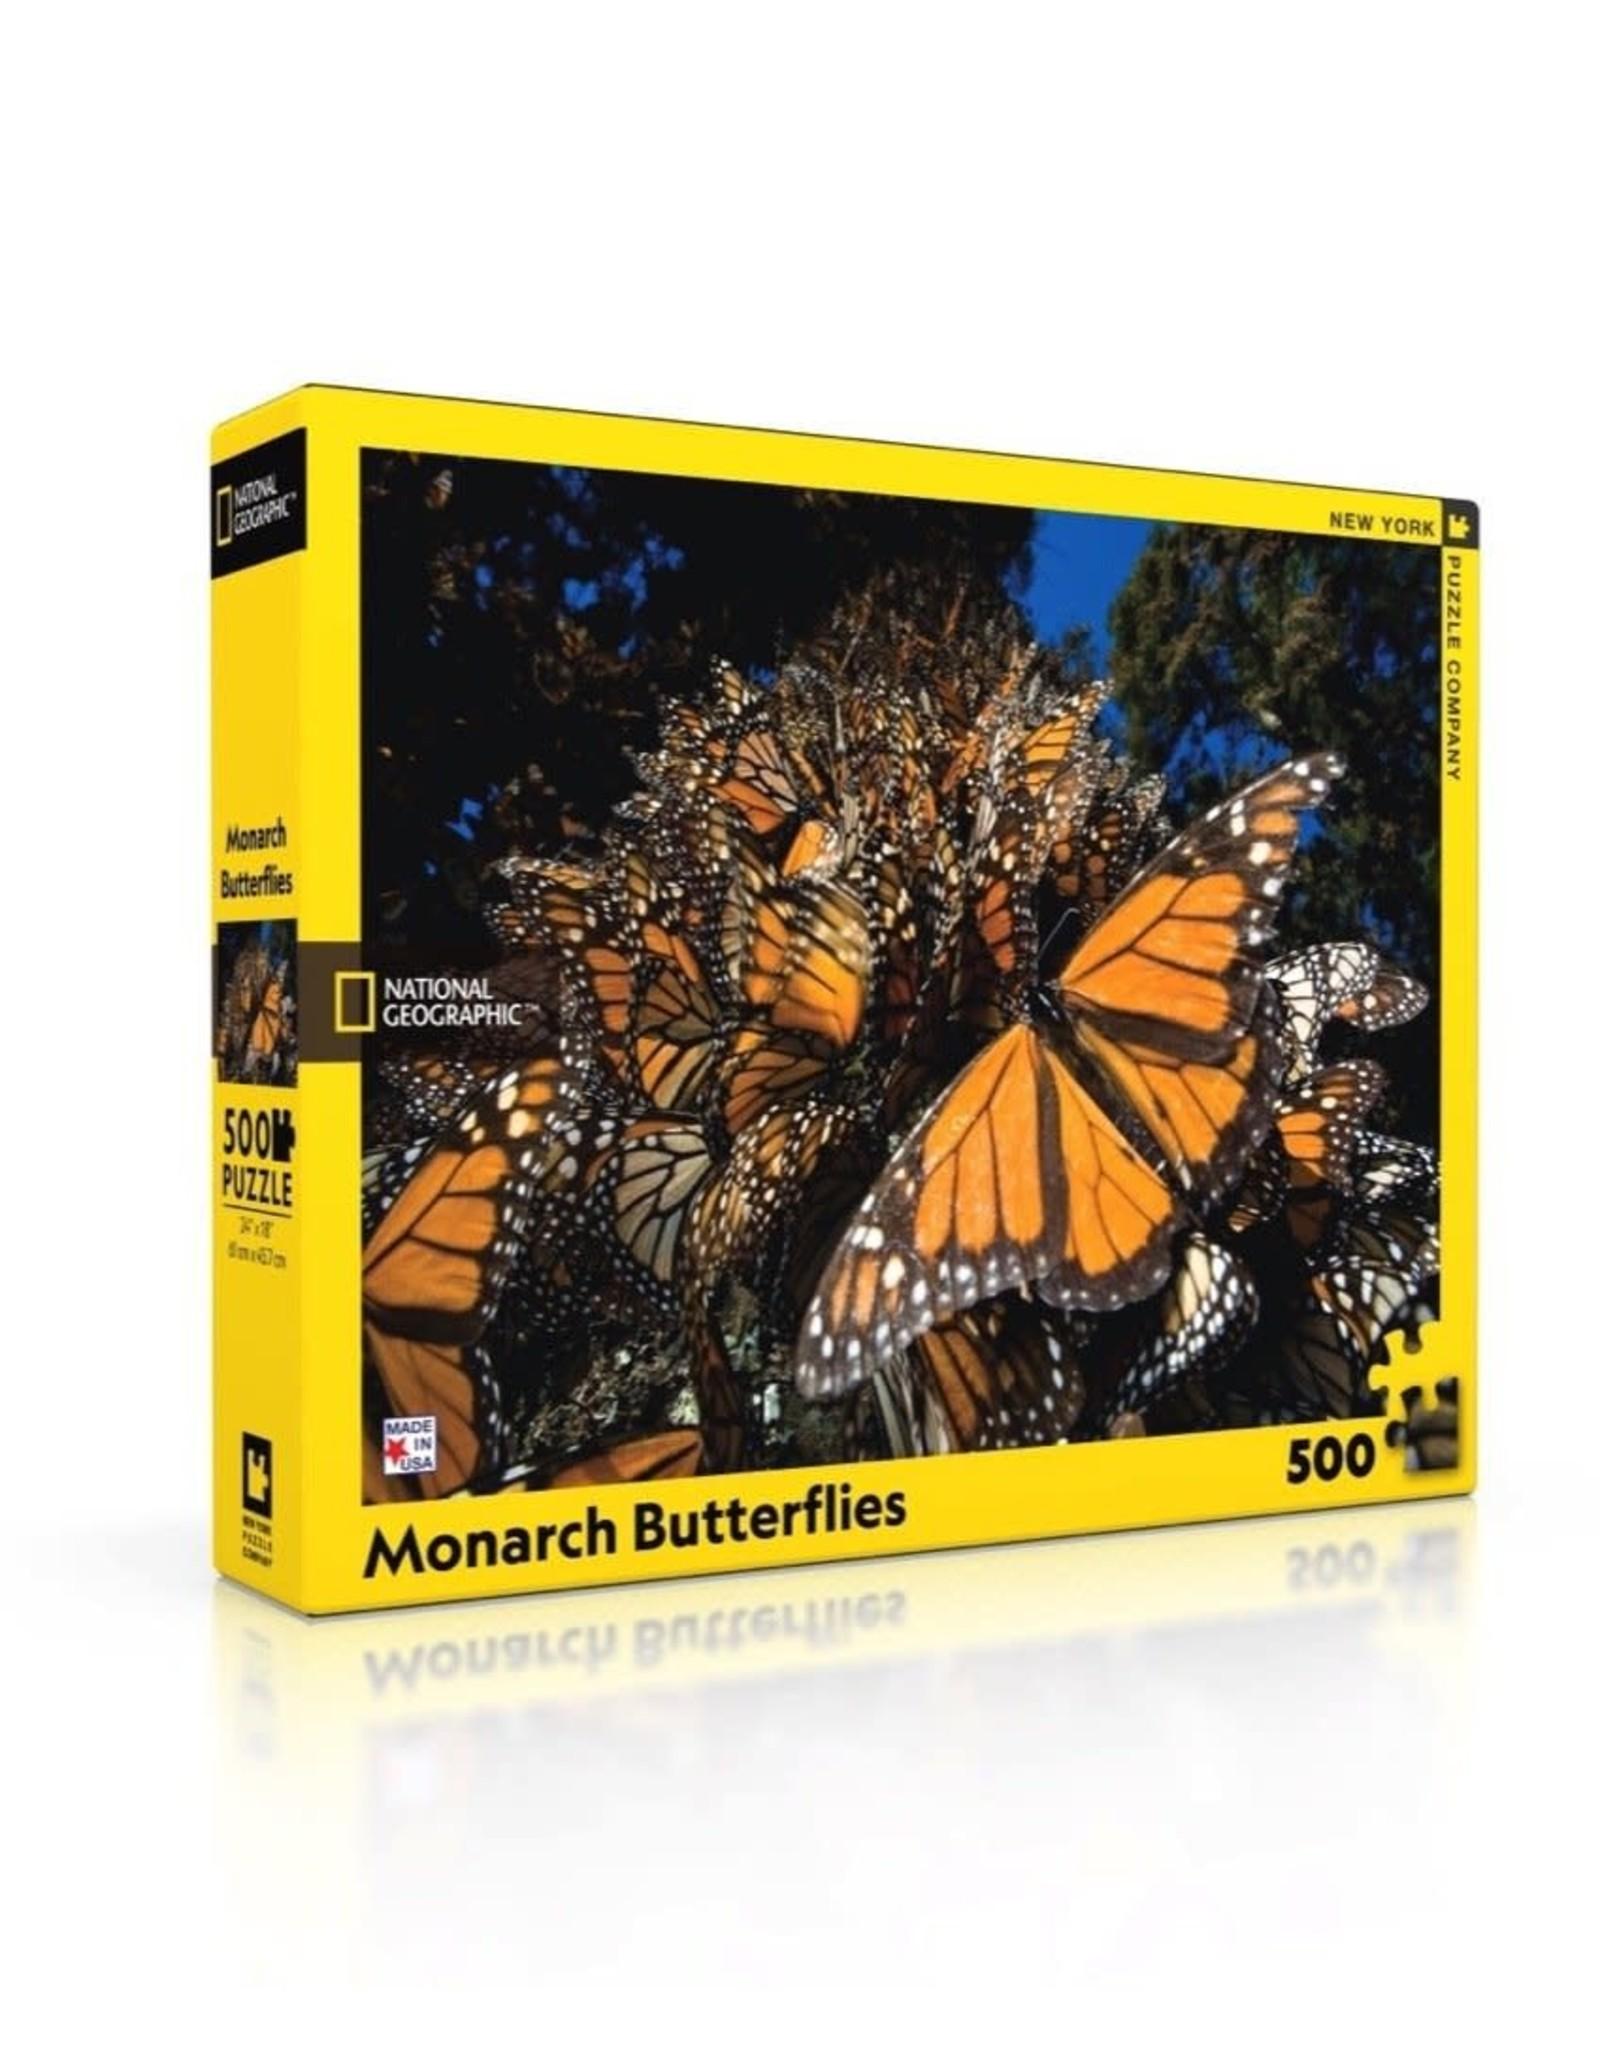 Monarch Butterflies - 500 piece